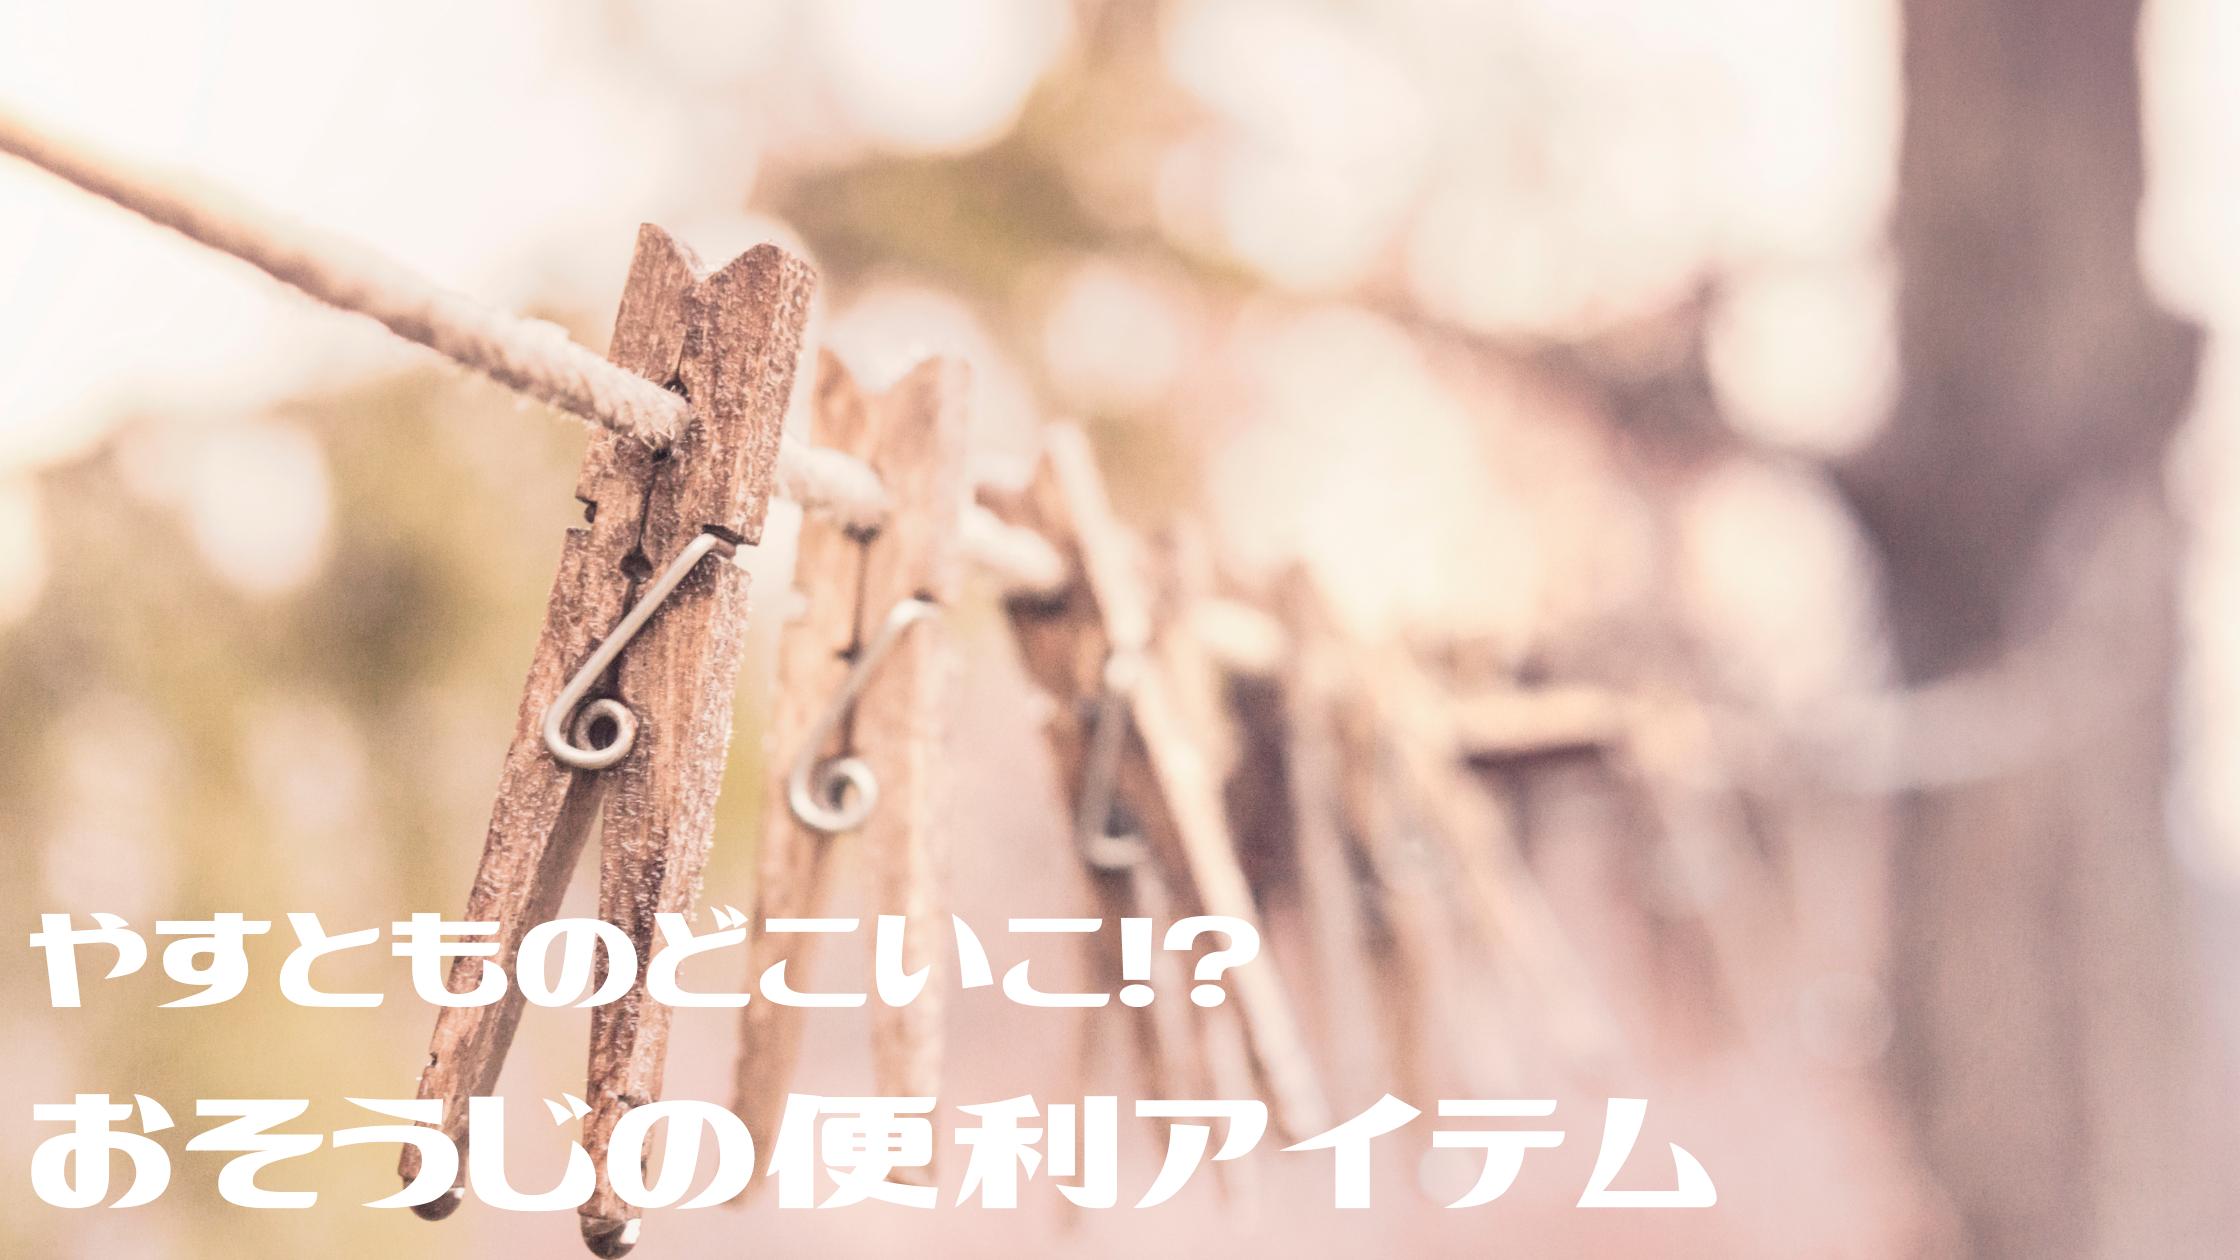 掃除グッズ【マスク専用洗剤】おそうじ便利アイテム